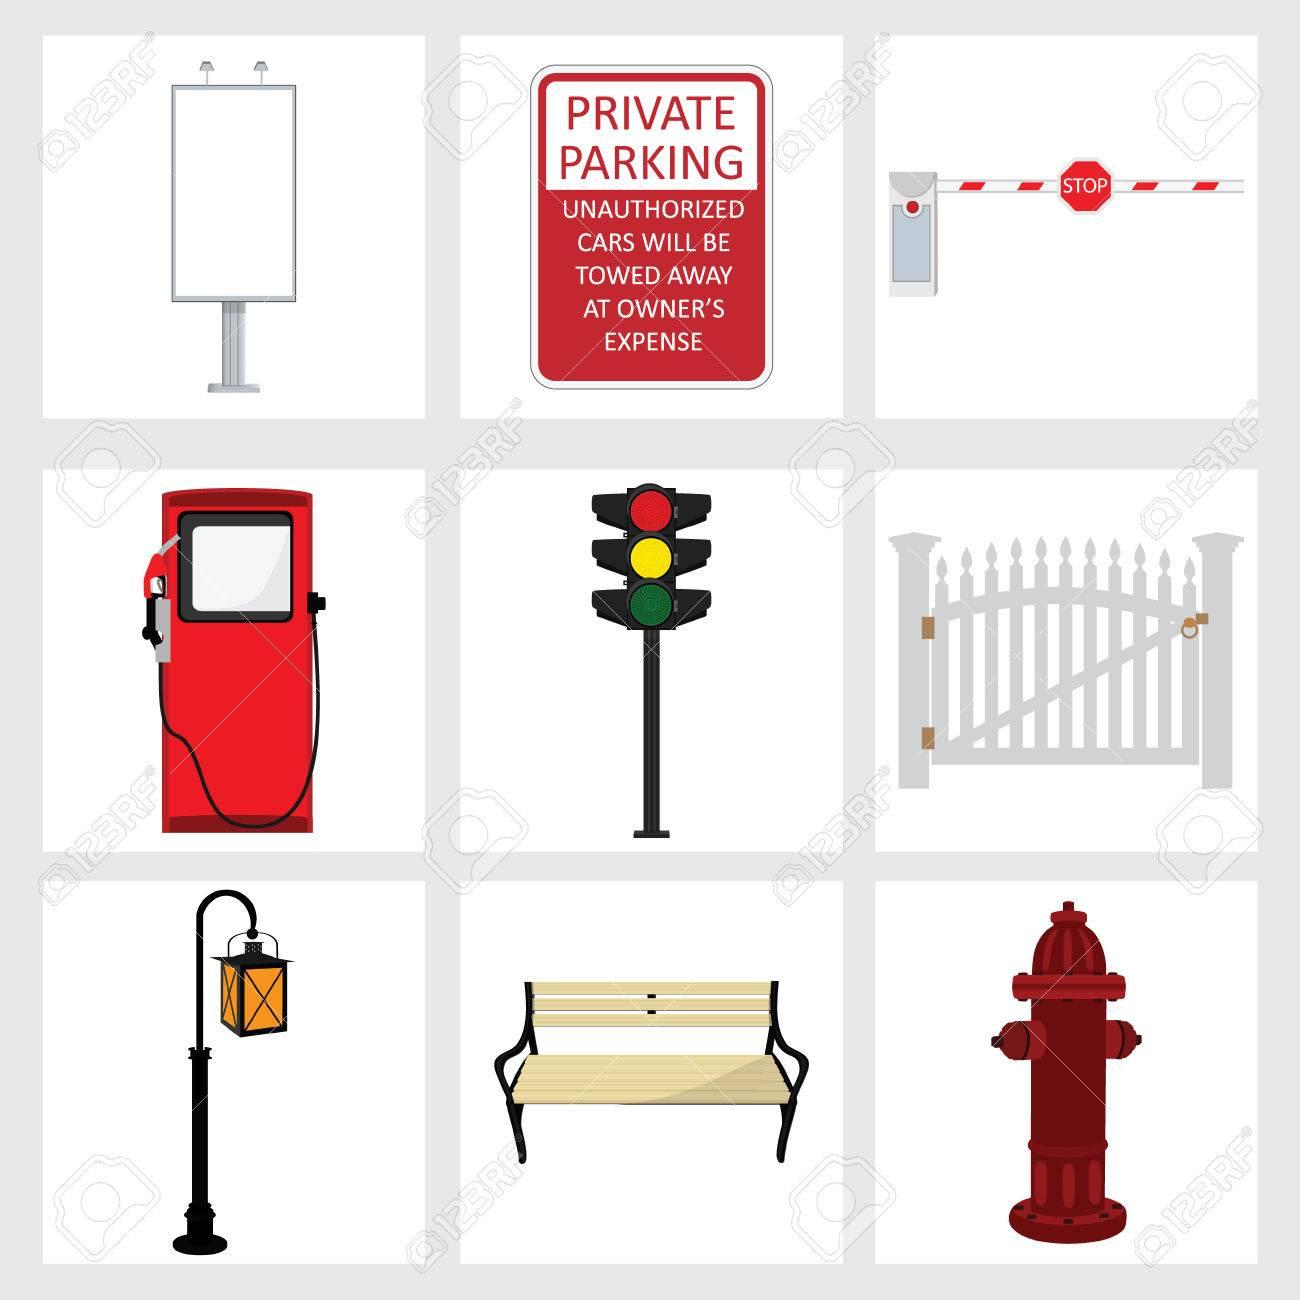 ベクトル ストリート要素のアイコンを設定しますベンチ街灯フェンス